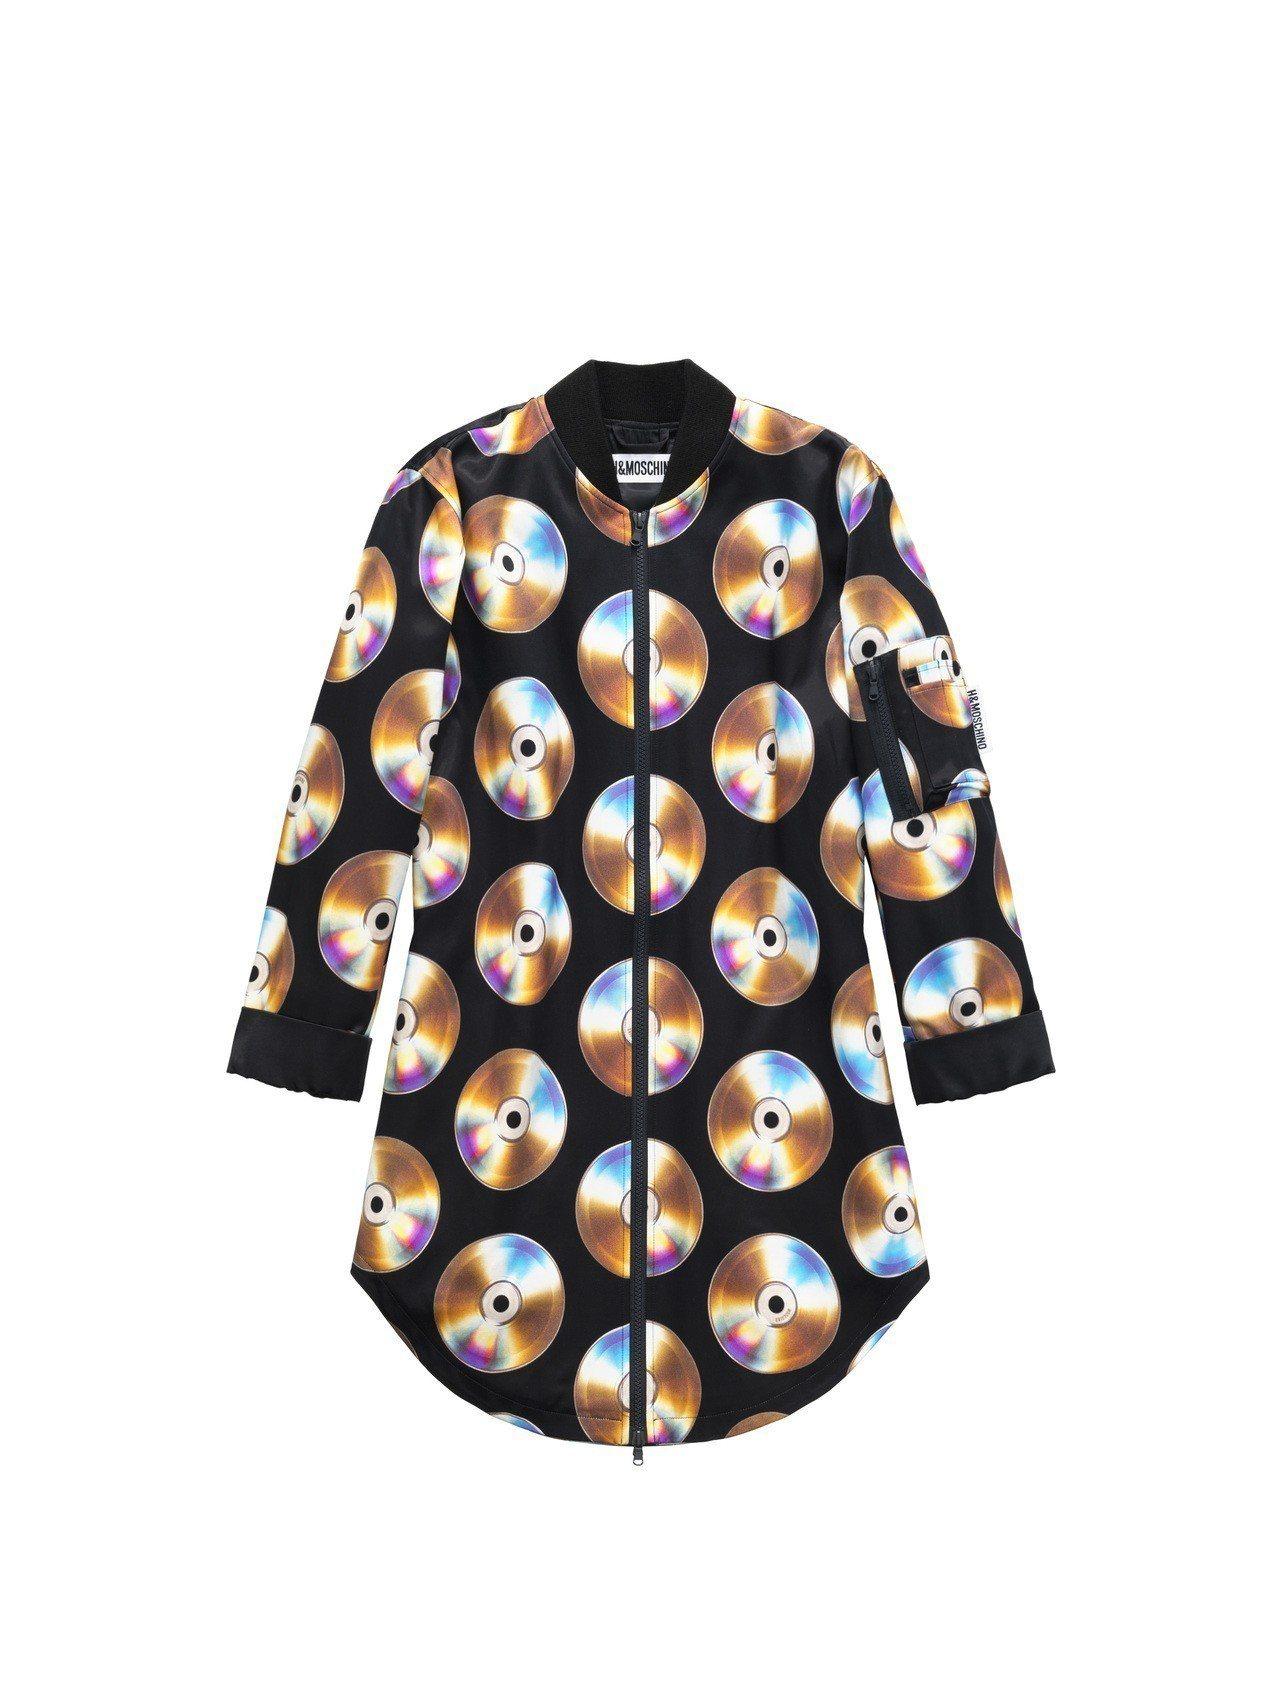 Moschino[TV] H&M系列女裝印花上衣,3,499元。圖/H&M提供